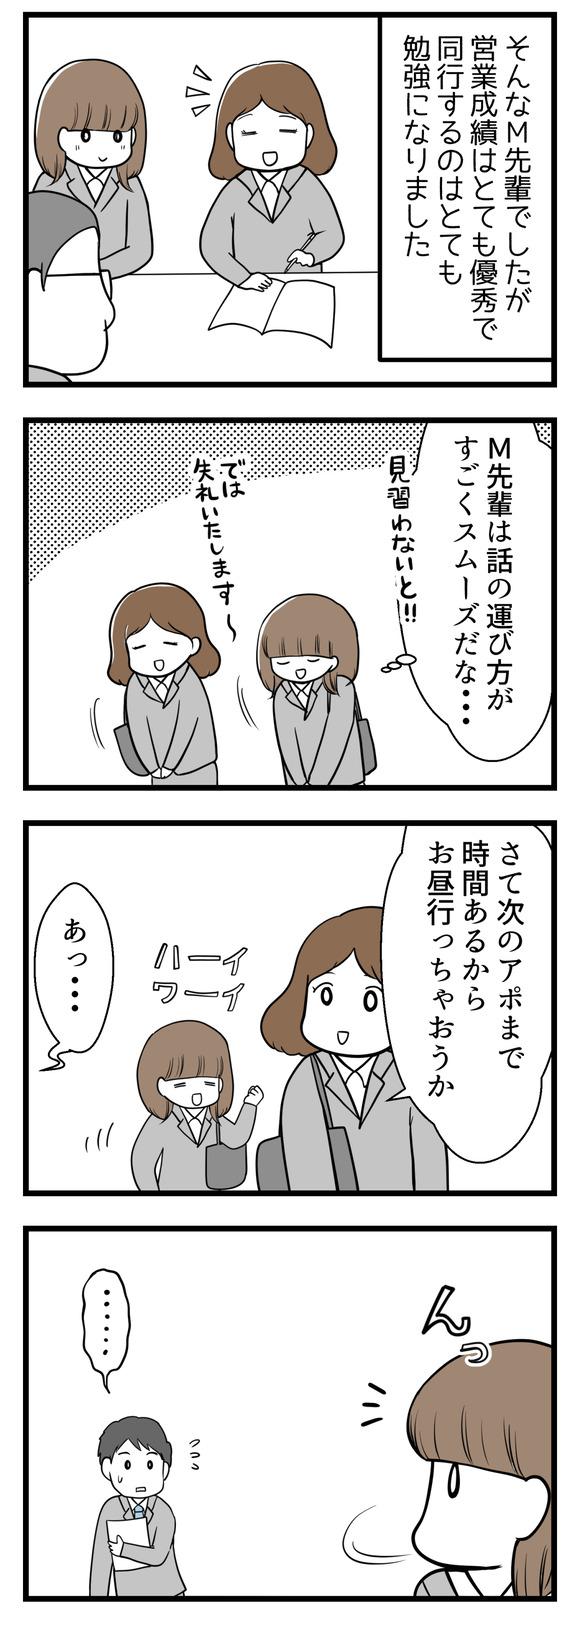 【ビンボーOL編19】スカートが真っ赤に!①